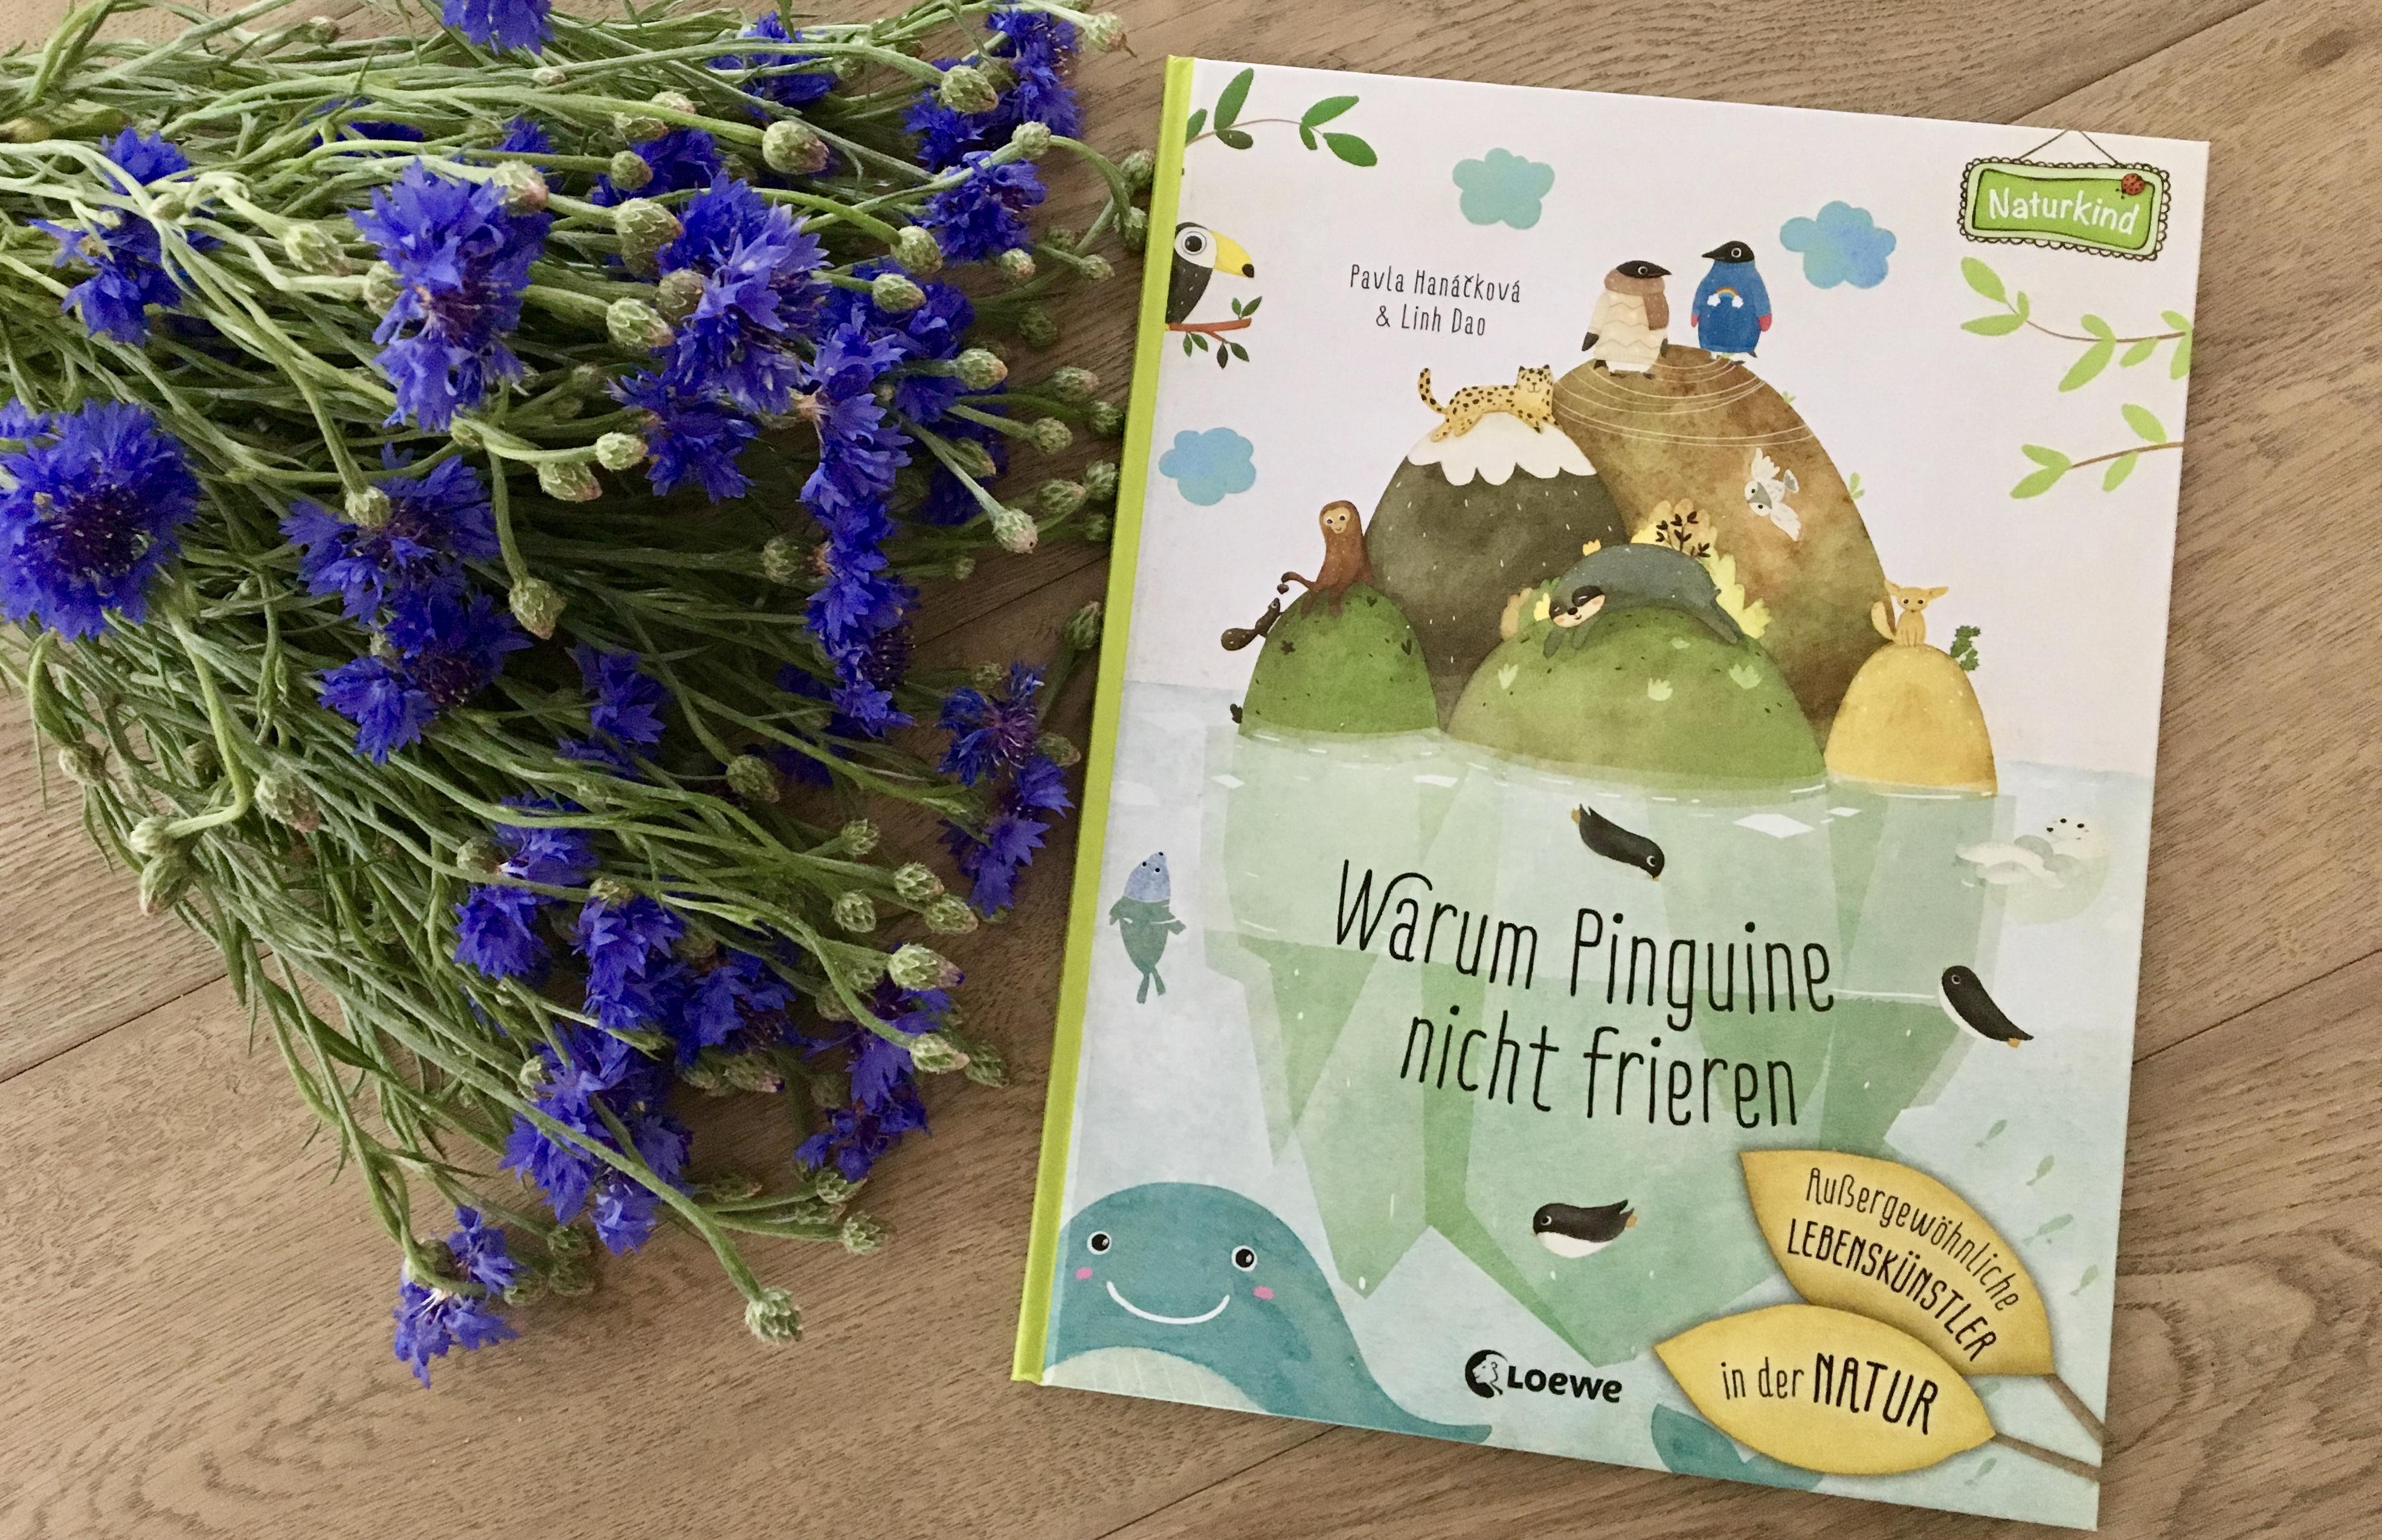 Warum Pinguine nicht frieren von Pavla Hanácková (Text) und Linh Dao (Illustration)